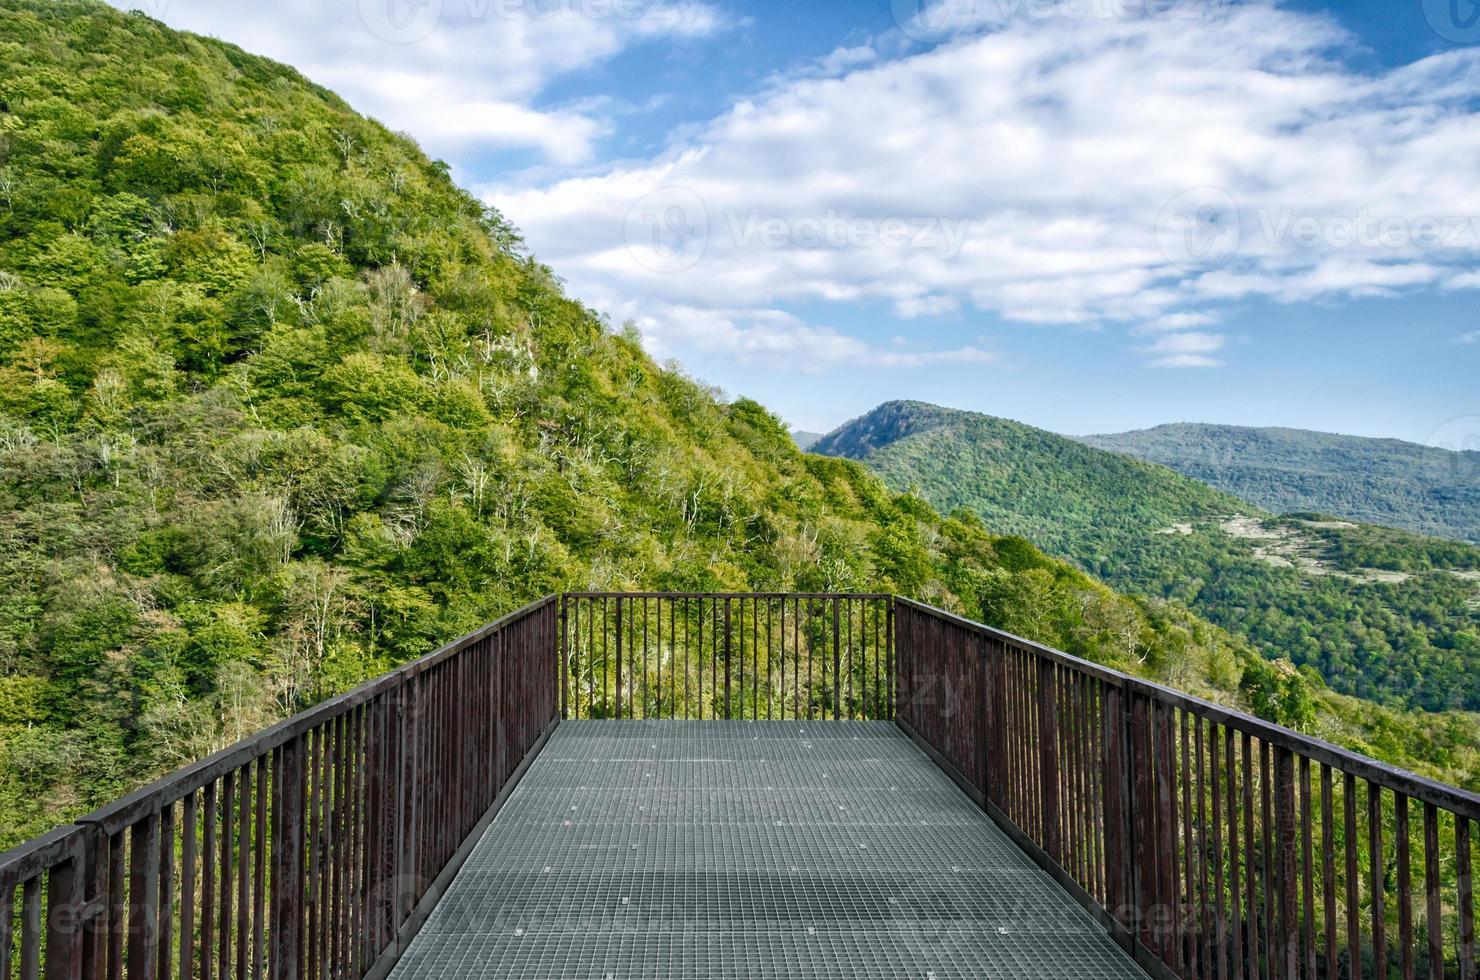 plataforma de observación con vistas a las montañas foto